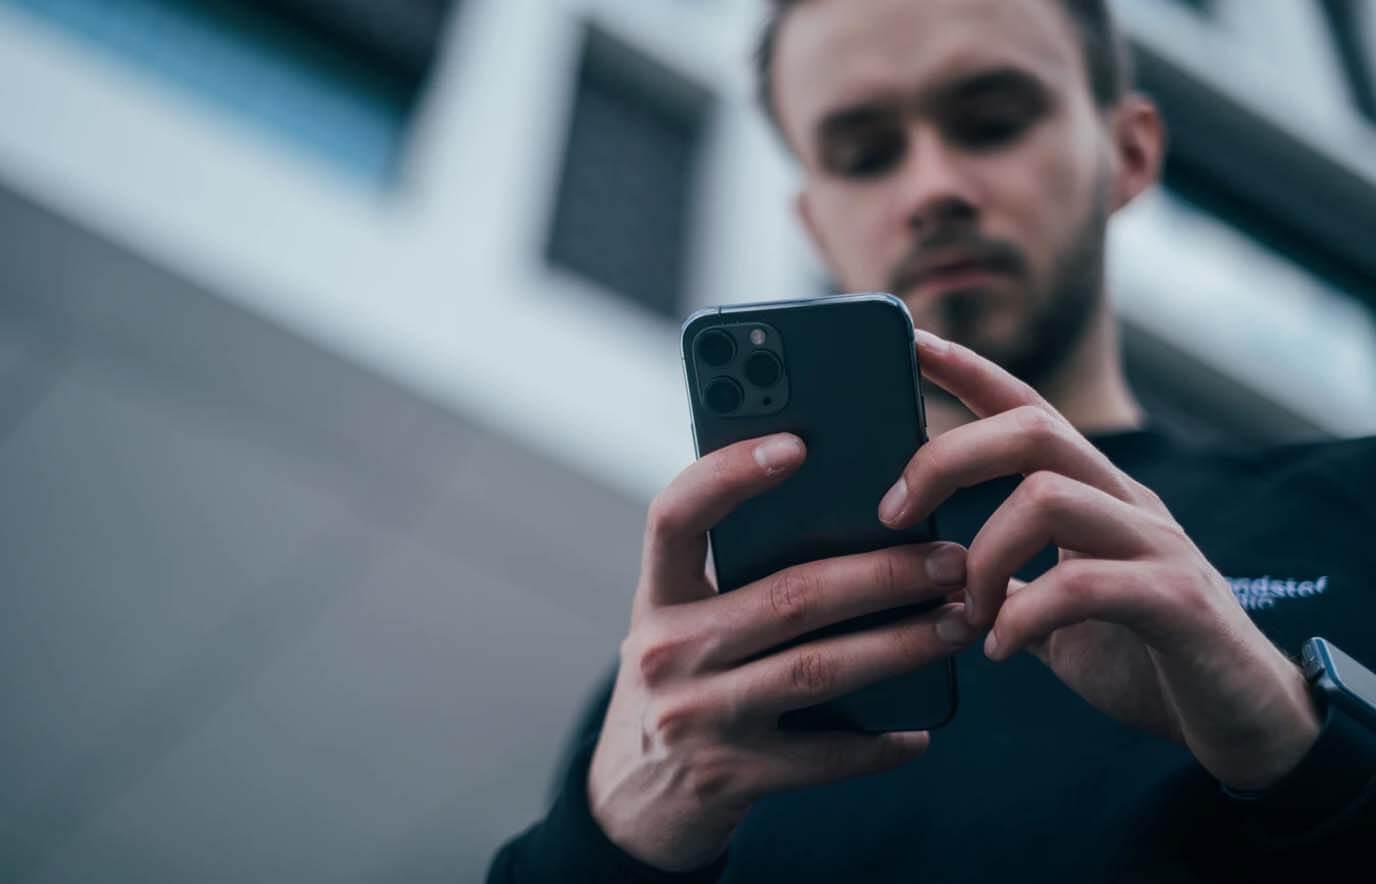 Welk iPhone (beeldscherm) formaat past bij mij?